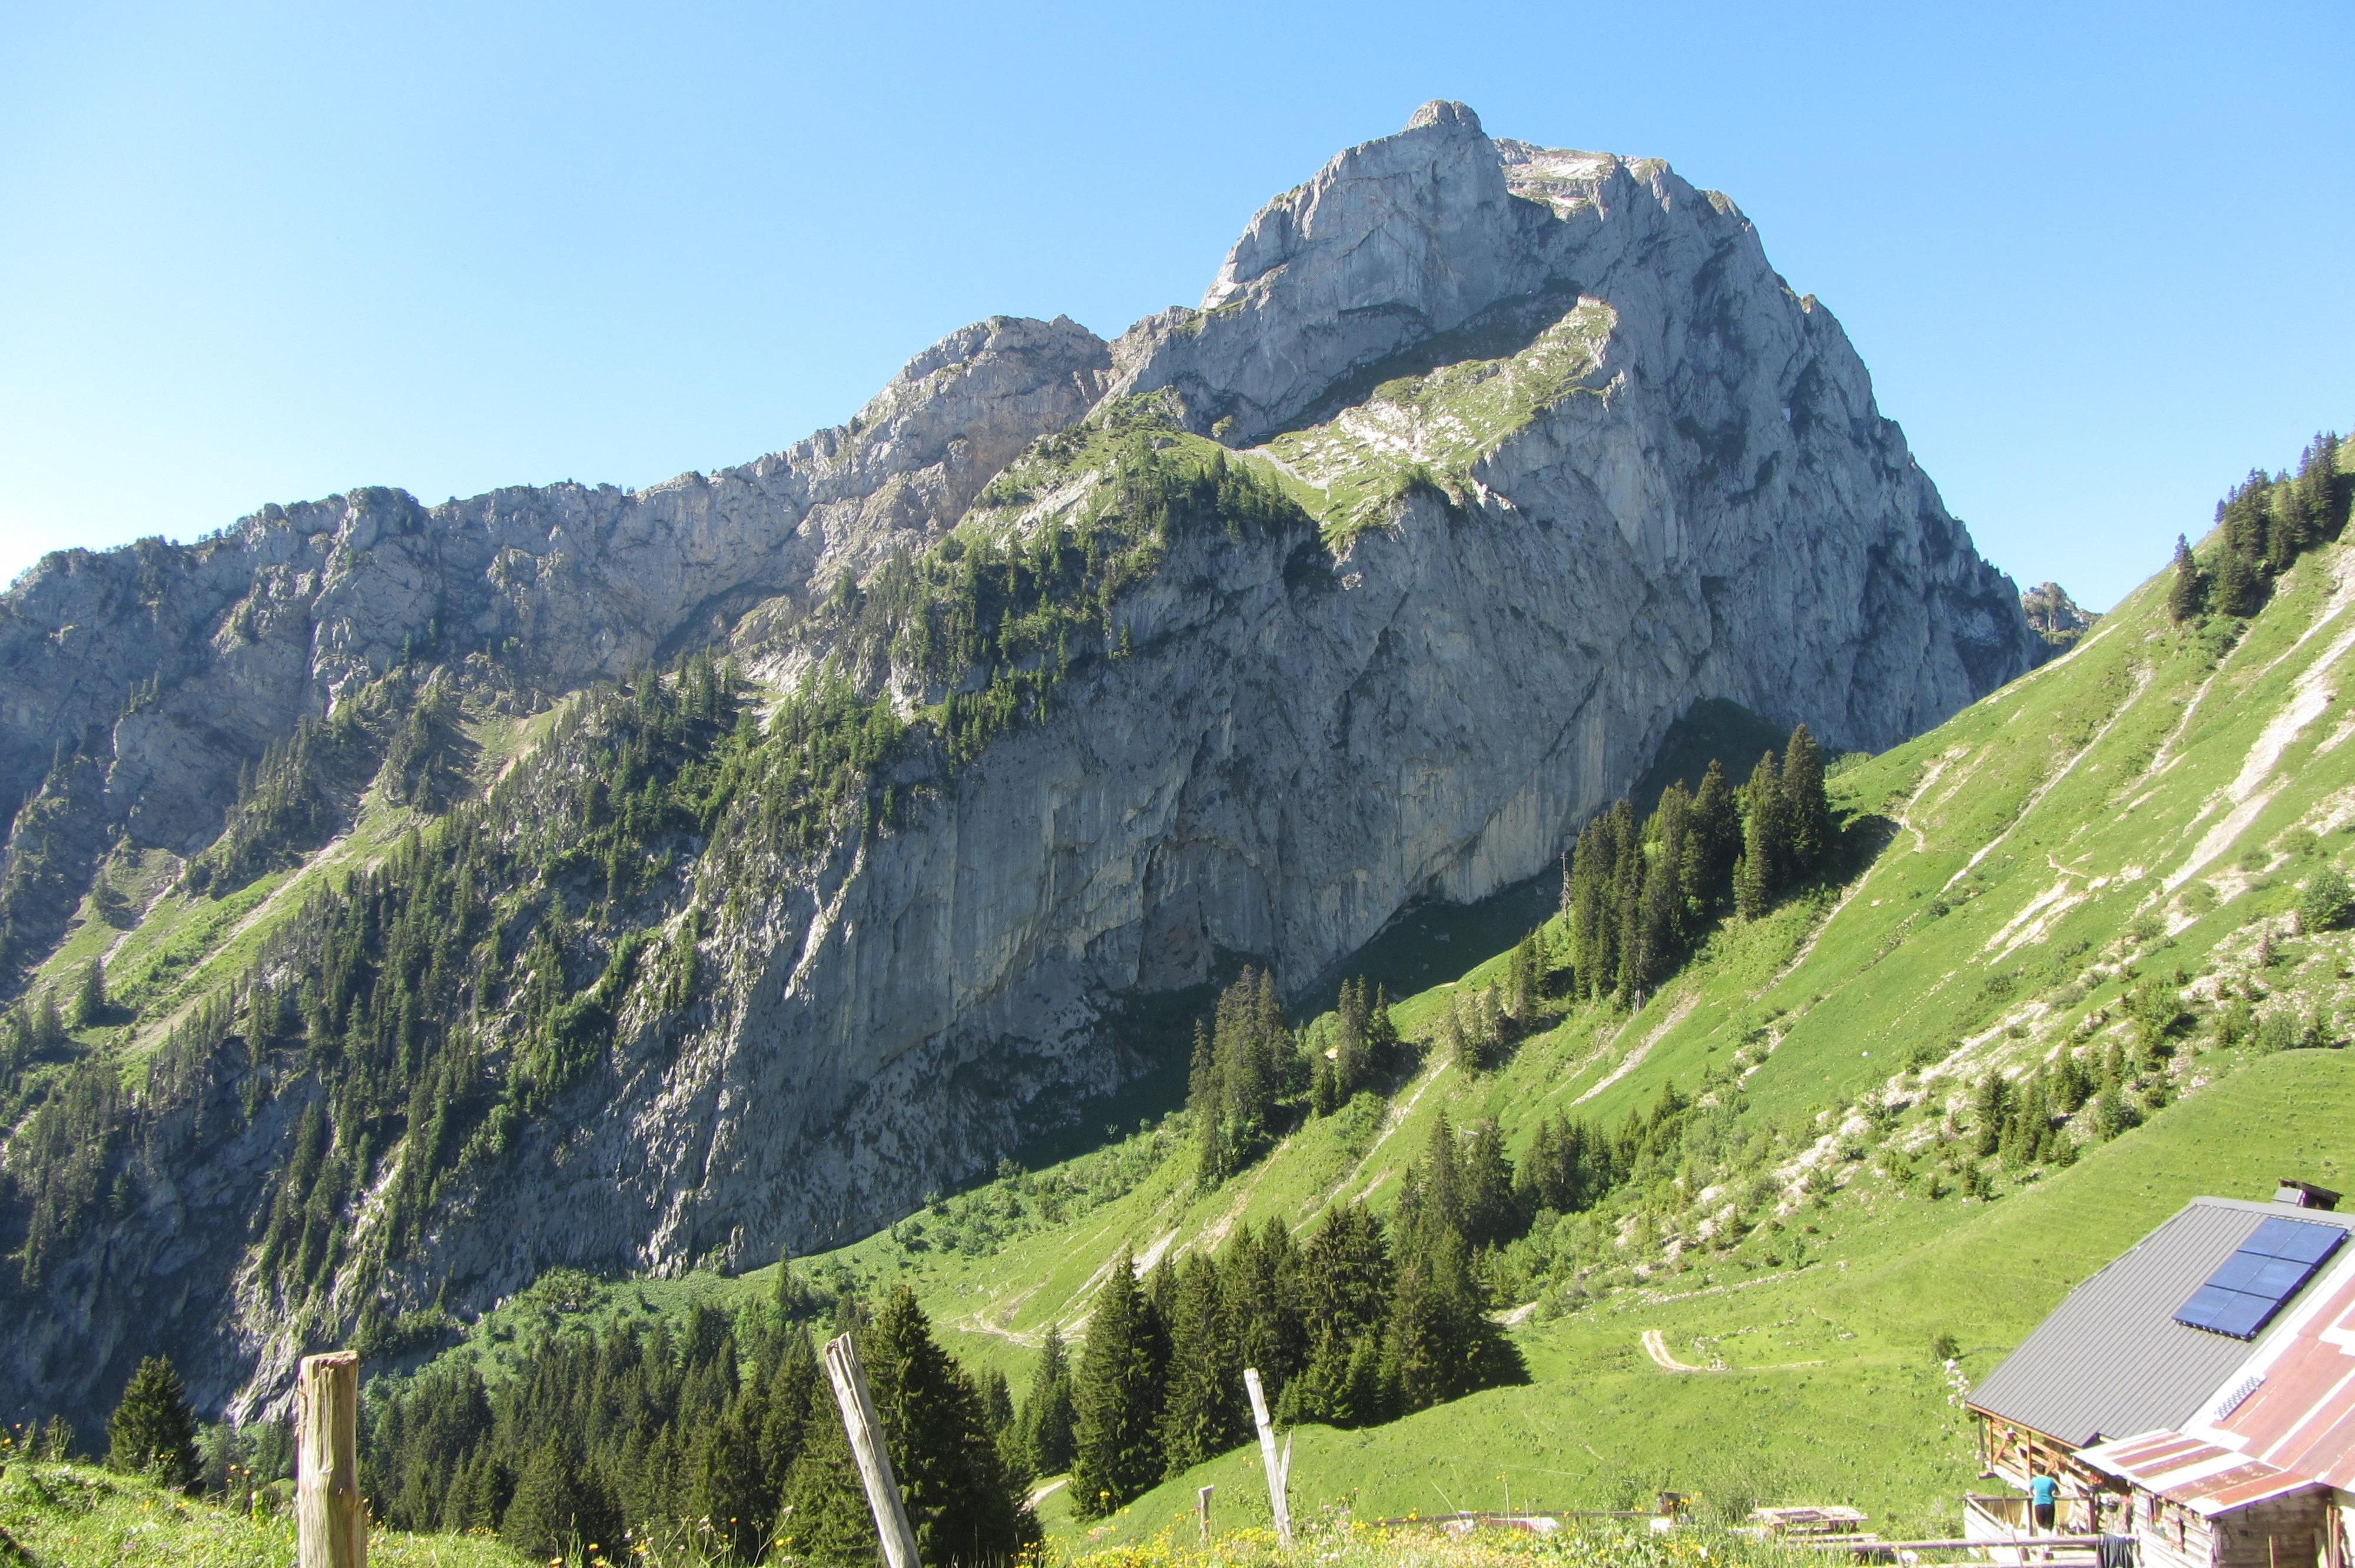 Vue sur le Mont Chauffé